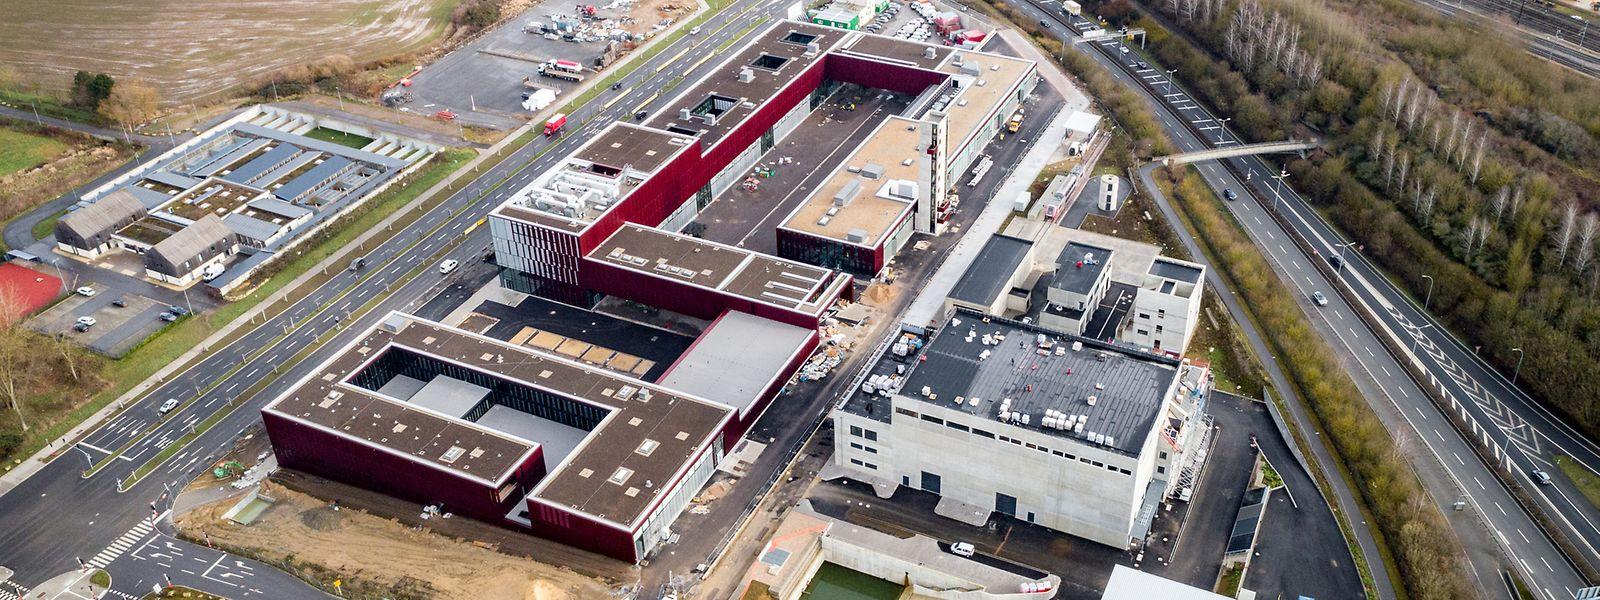 Auf 5,2 Hektar entsteht derzeit das nationale Rettungszentrum am Boulevard Kockelscheuer.